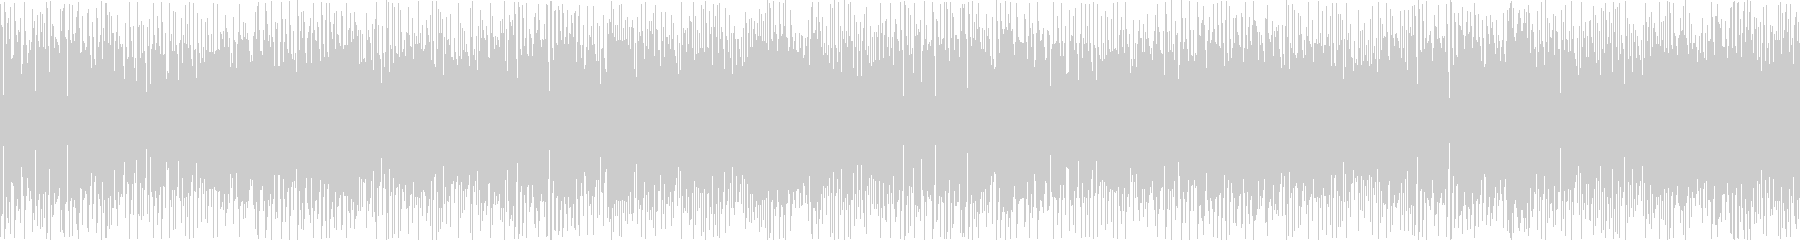 エレキピアノによるジャズ風のBGMです…の未再生の波形